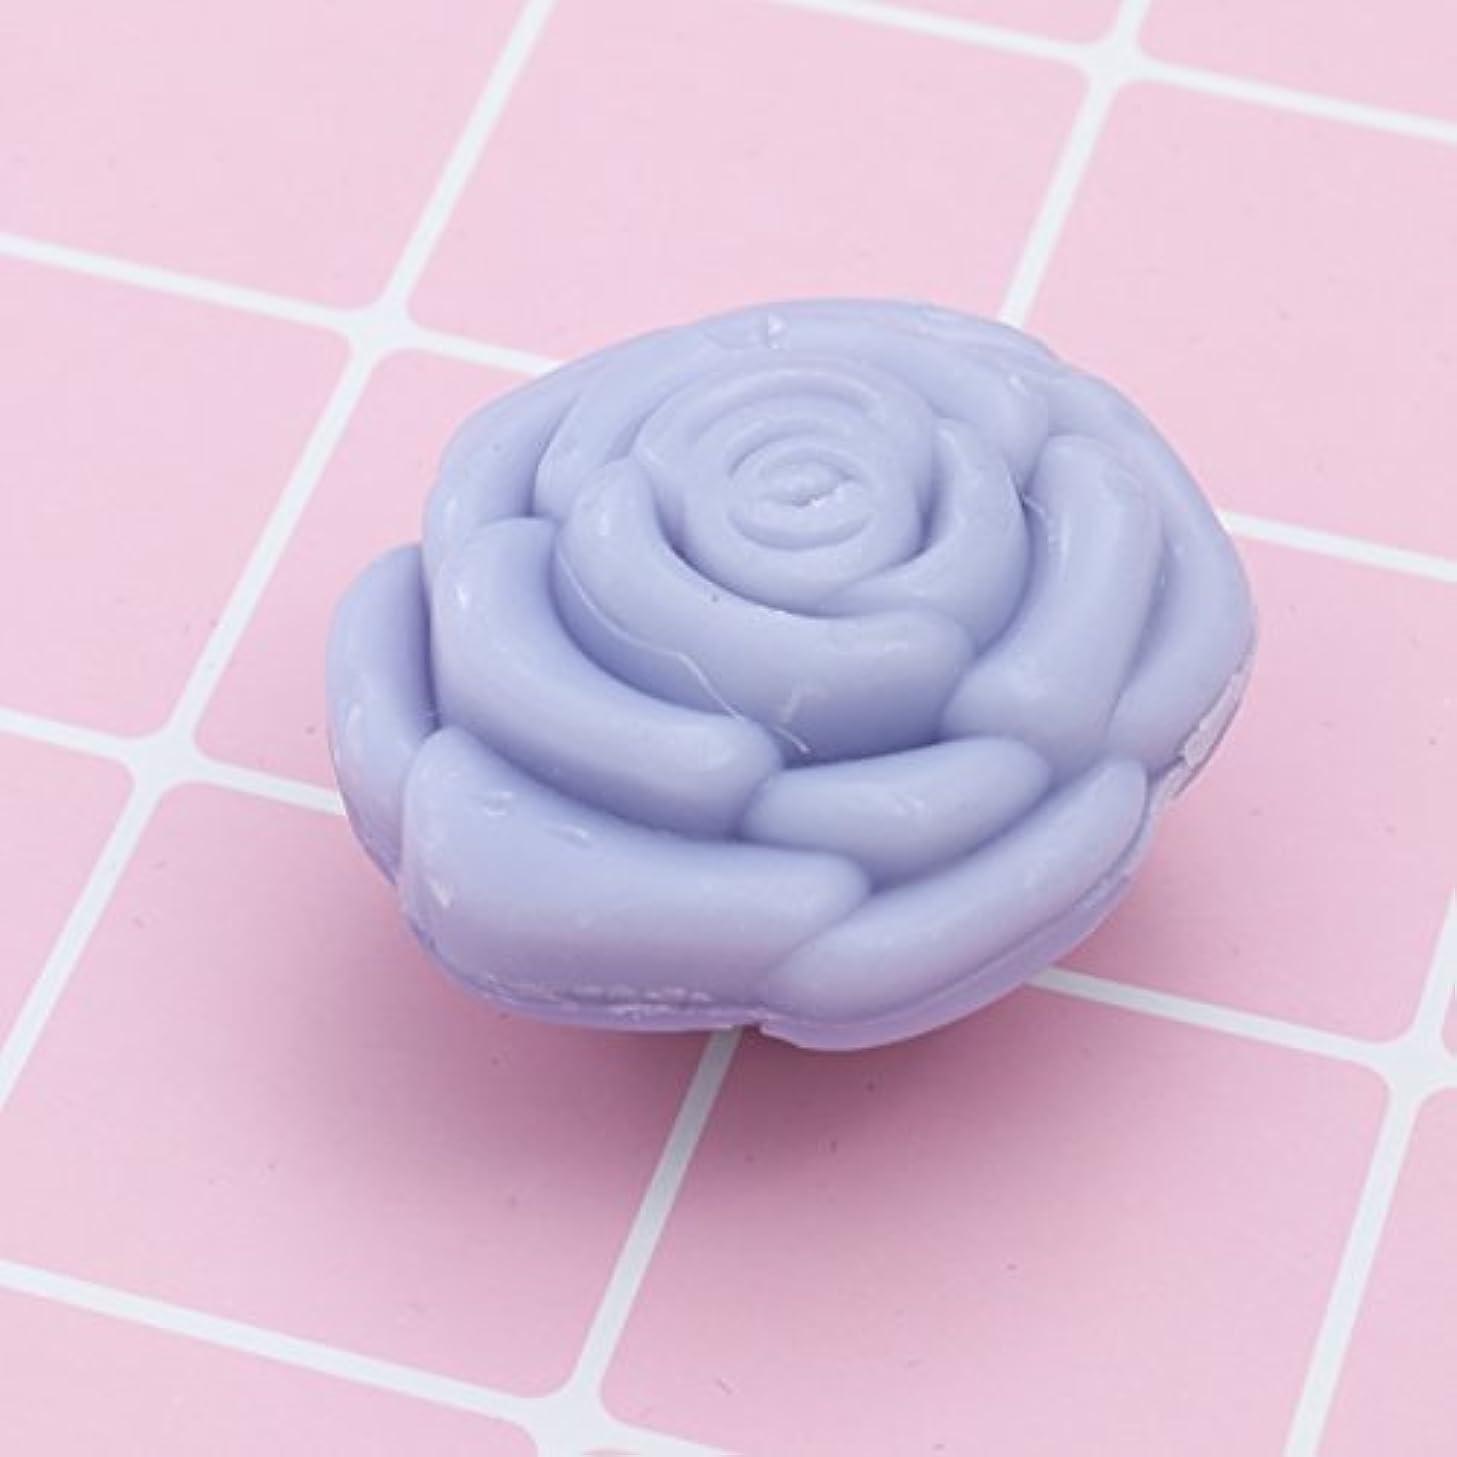 留まる治世錫Amosfun 手作り石鹸オイルローズフラワーソープアロマエッセンシャルオイルギフト記念日誕生日結婚式バレンタインデー(紫)20ピース